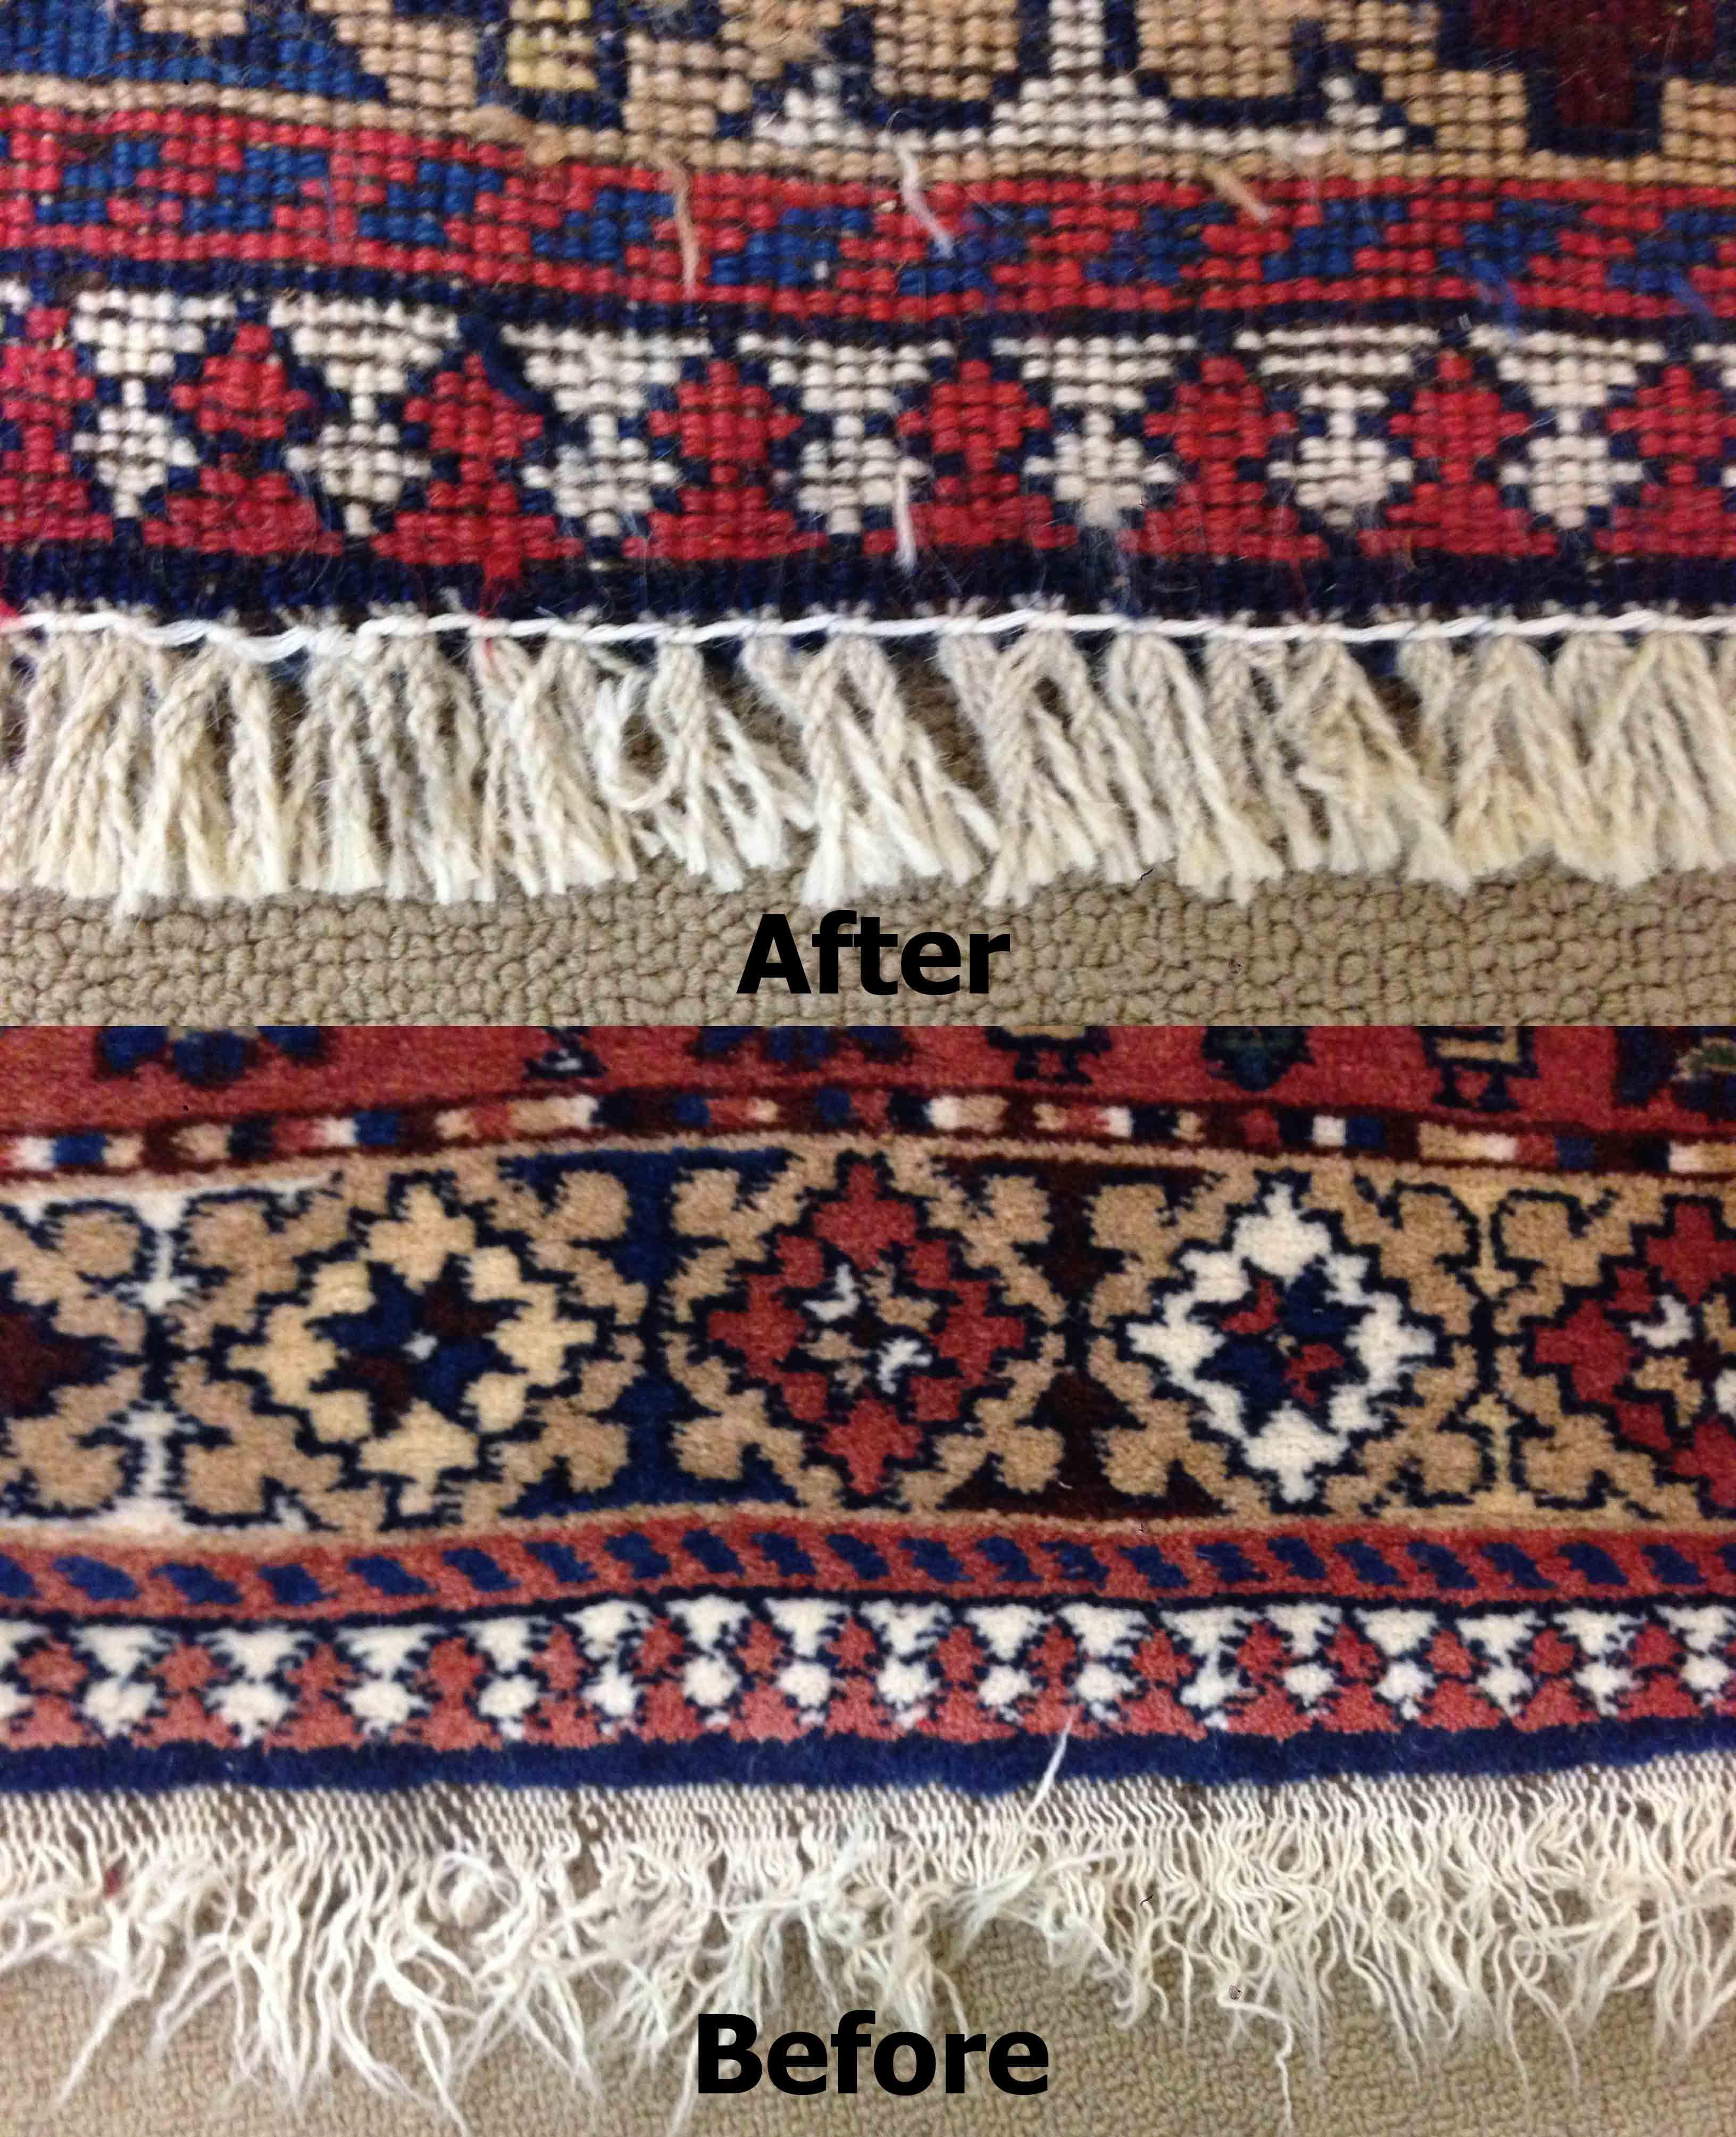 Rug Re-weaving At Oriental